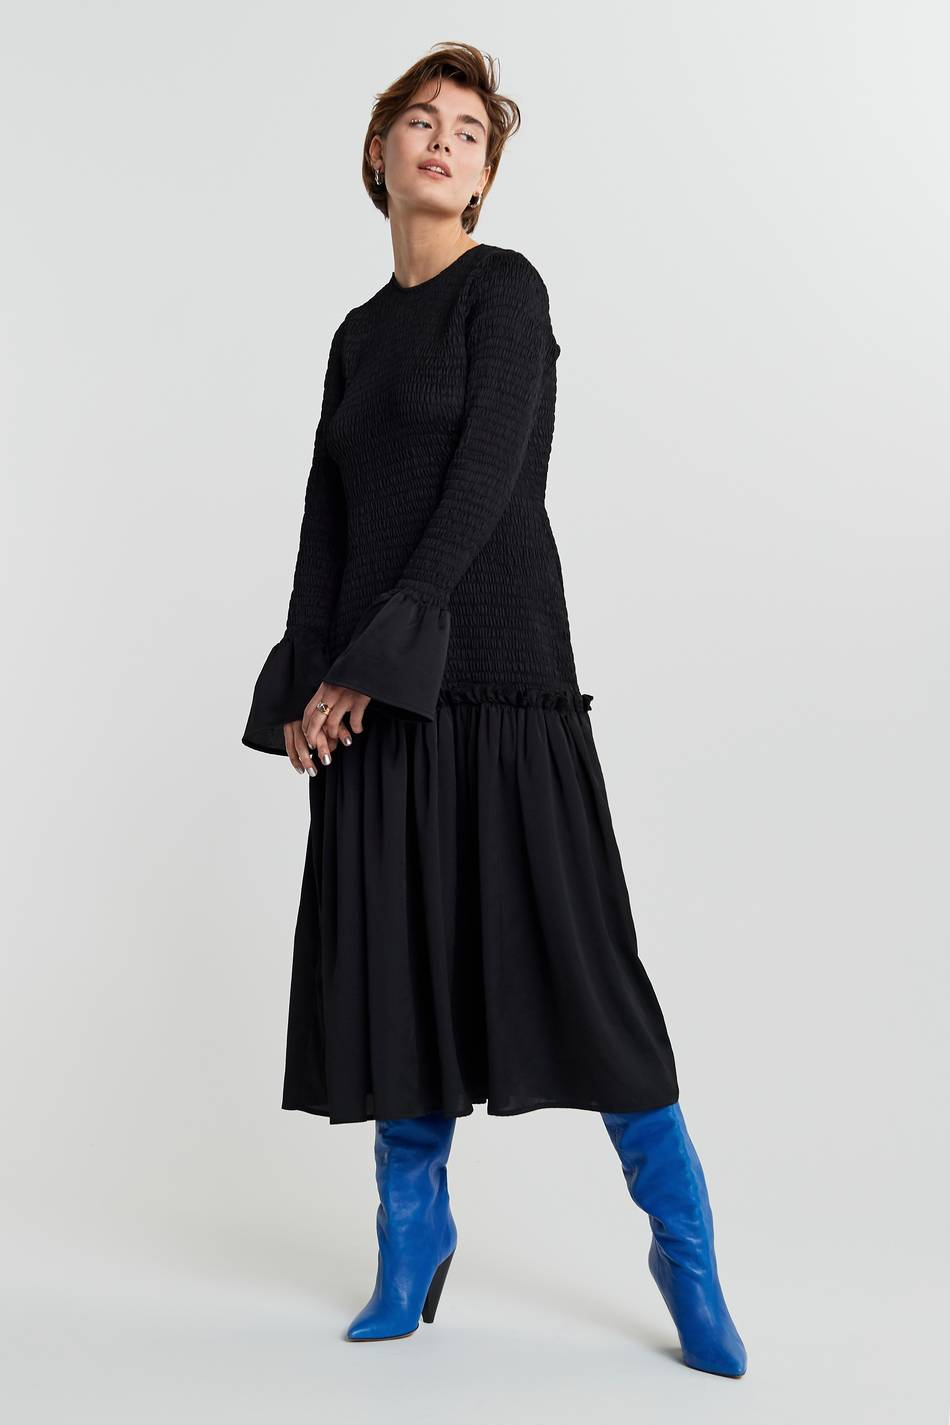 Gina Tricot Karin shirred dress